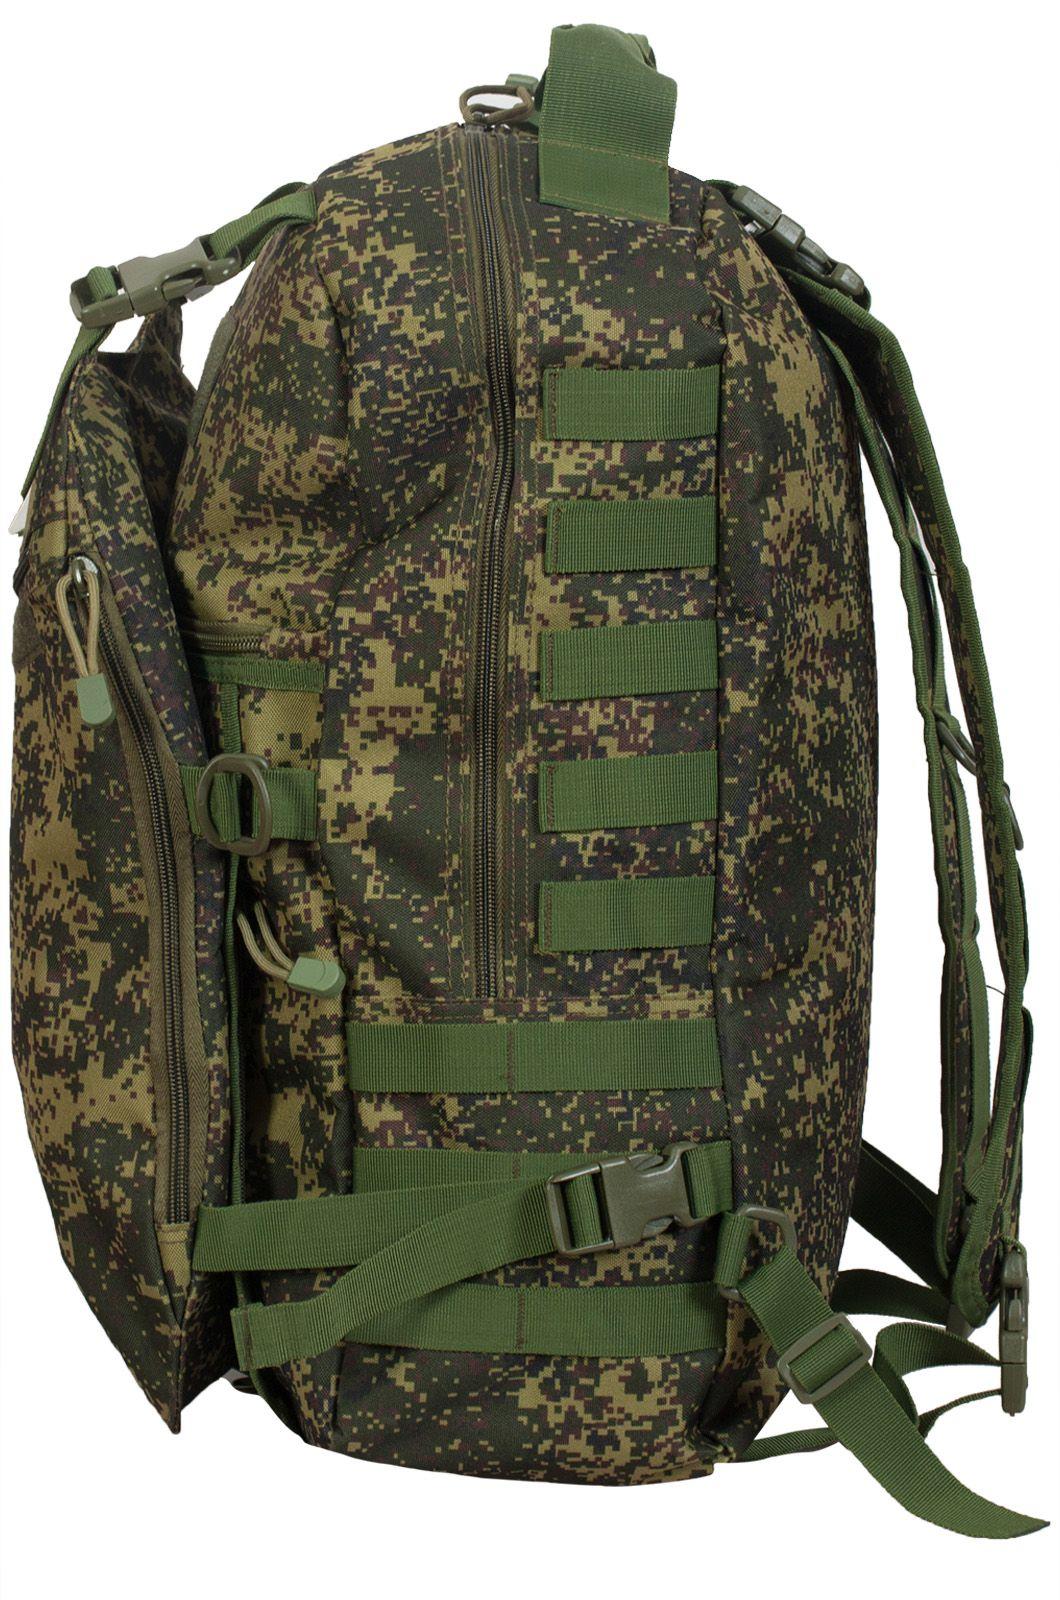 Камуфляжный однодневный рюкзак с нашивкой МВД - заказать  оптом